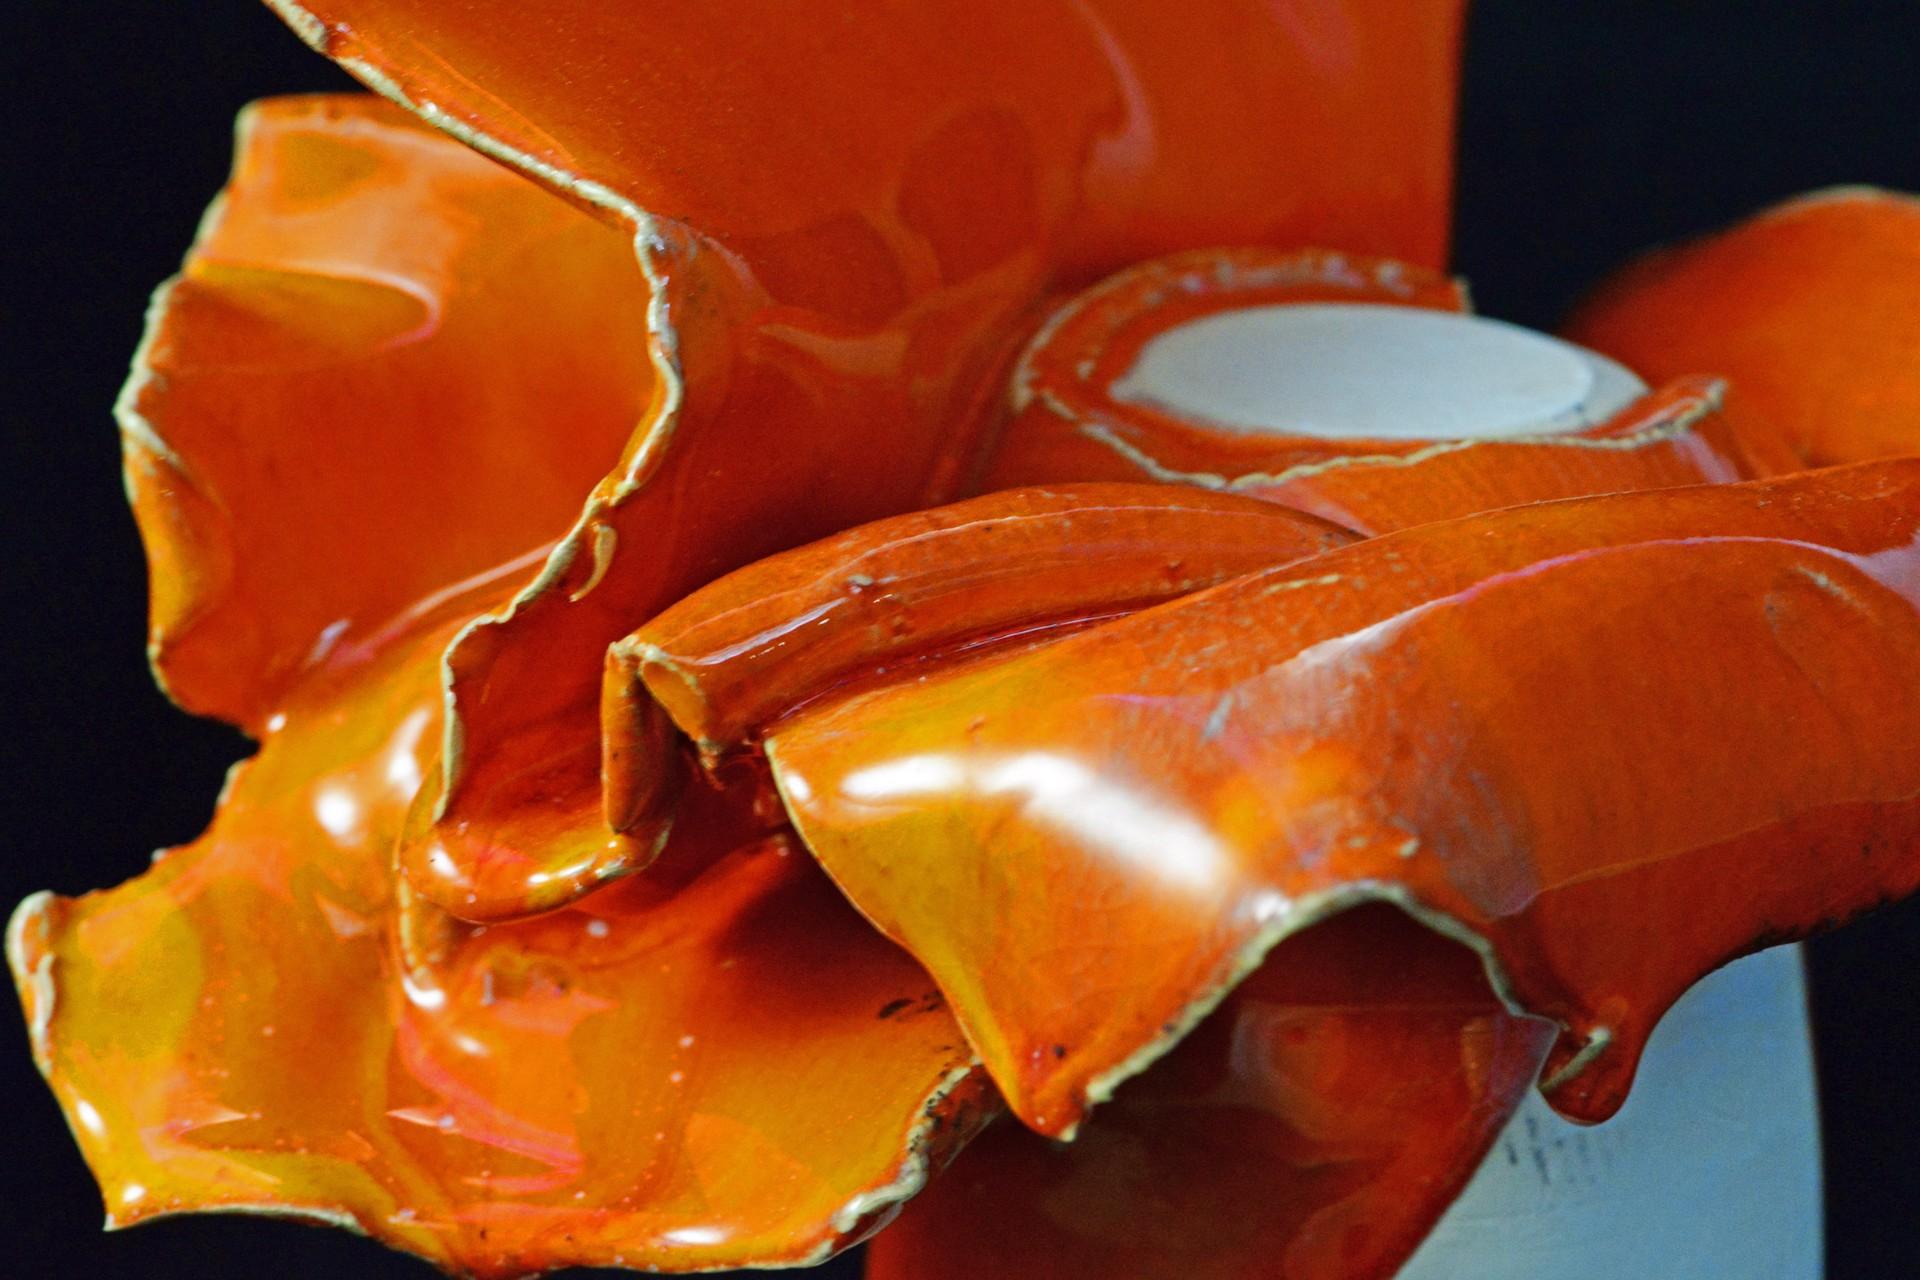 Orange by Austin Center